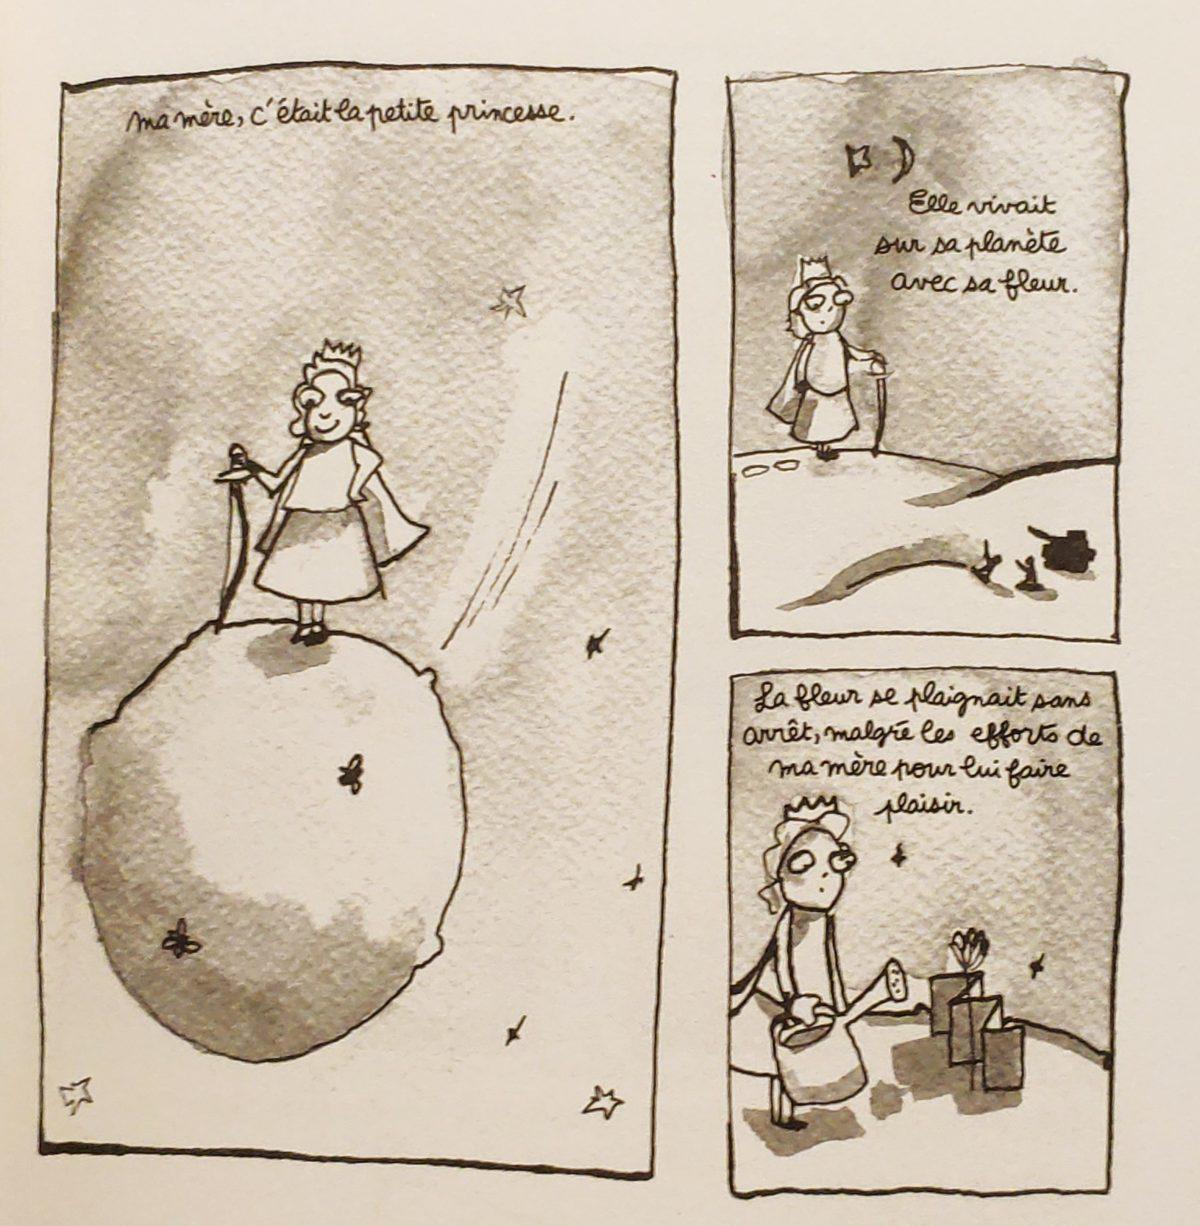 Mio caro fumetto… – Laban et confiture - Valli per sua figlia è un mamma principessa